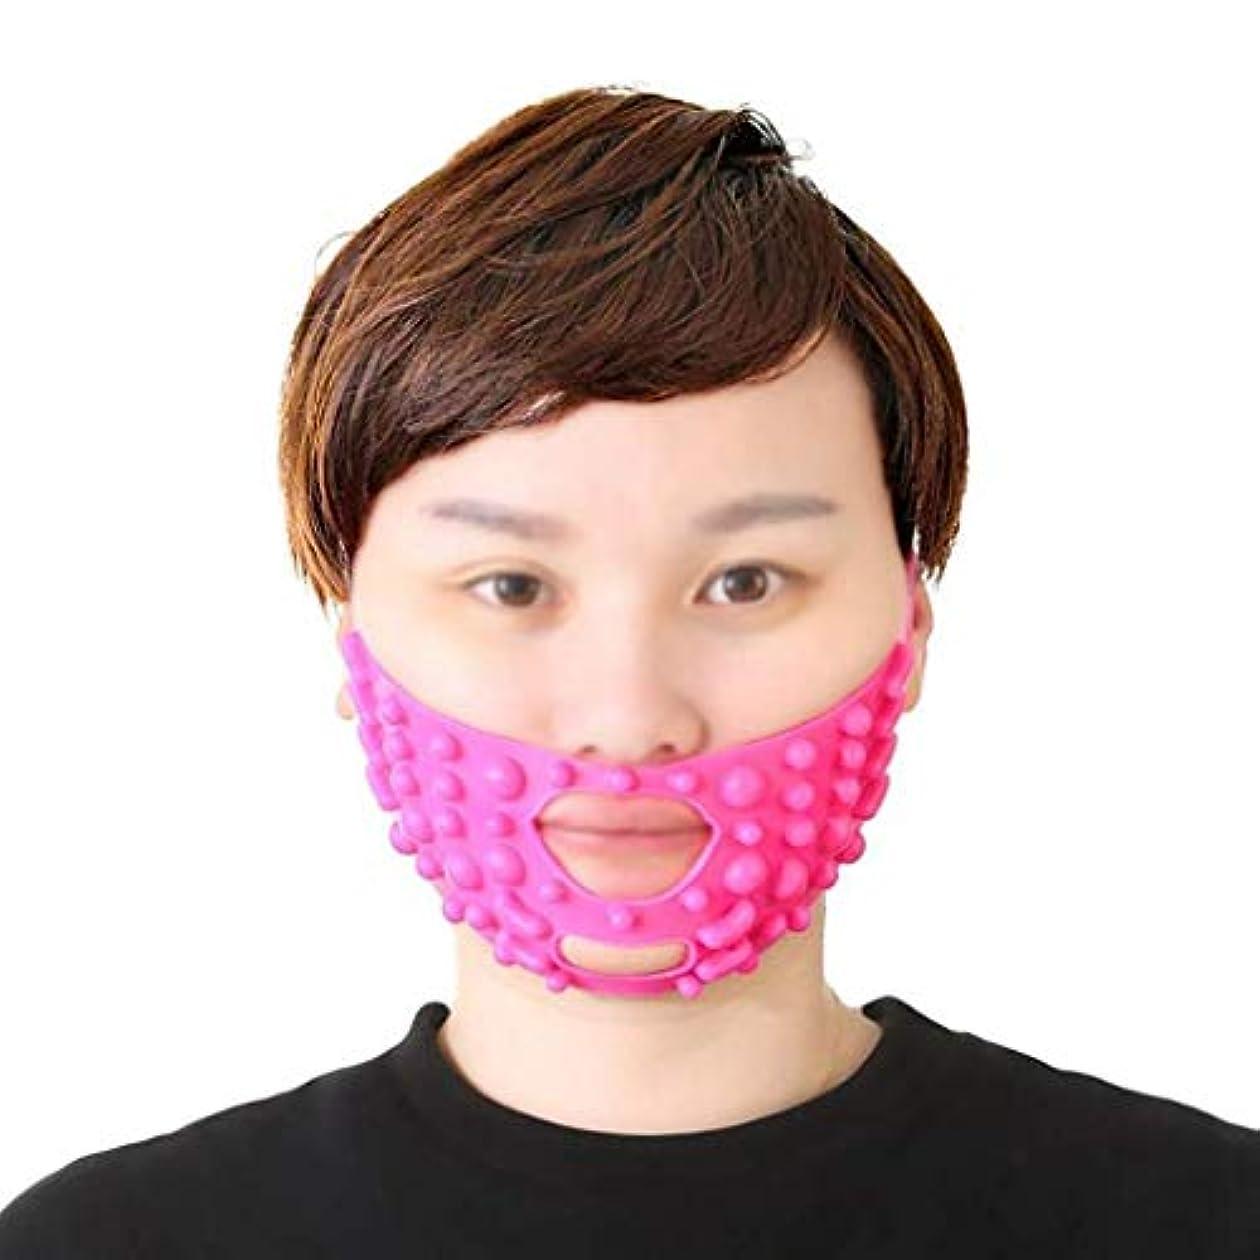 活力放射性すすり泣きフェイスリフトマスク、チンストラップシリコーンVフェイスマスクフェイスマスク強力な包帯V顔アーティファクトスモールV顔包帯顔と首リフトピンクシリコーン包帯